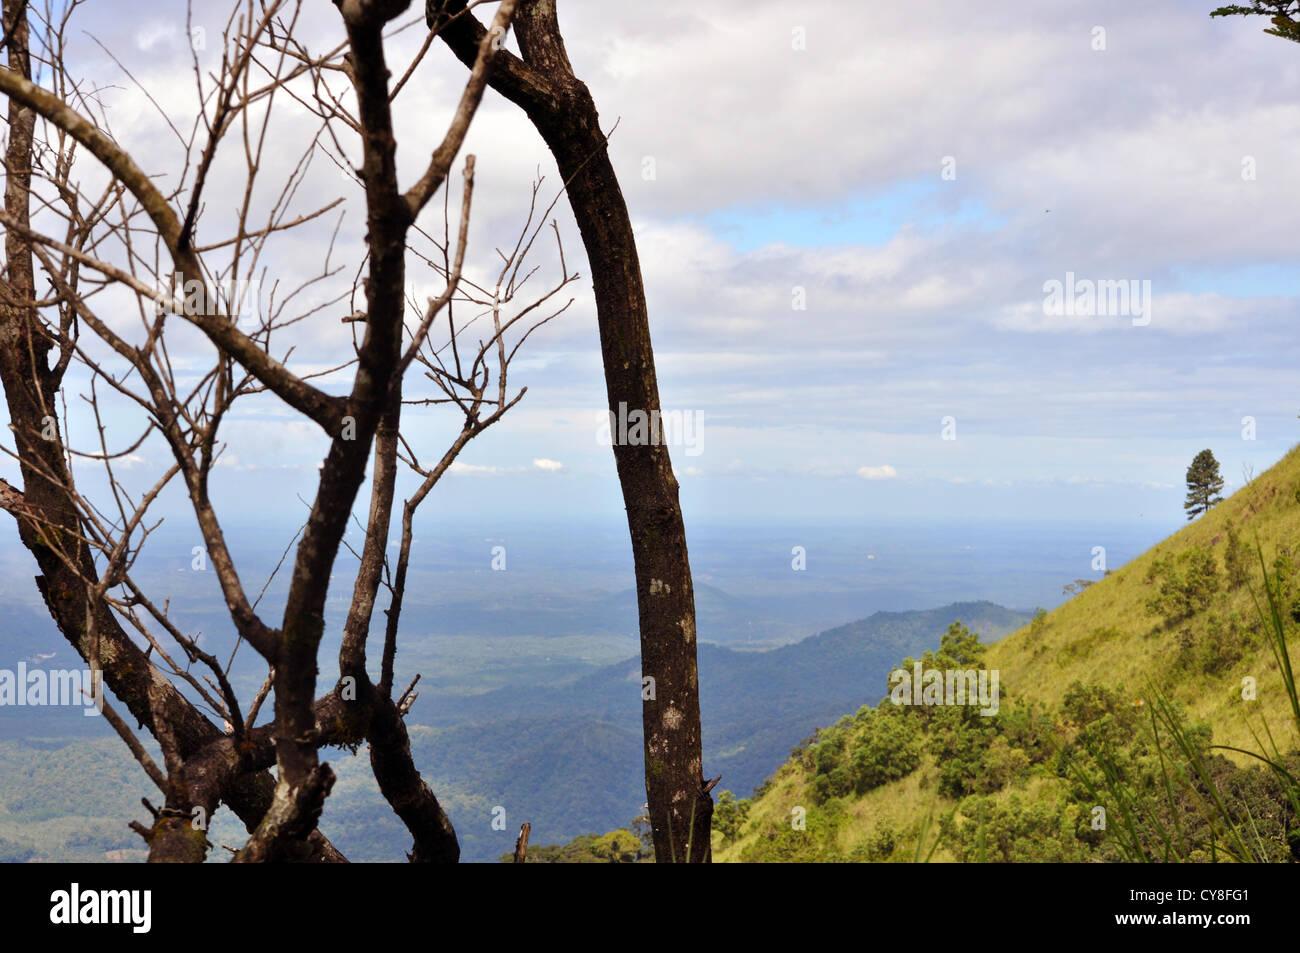 View of the valley at Thiruvananthapuram - Stock Image